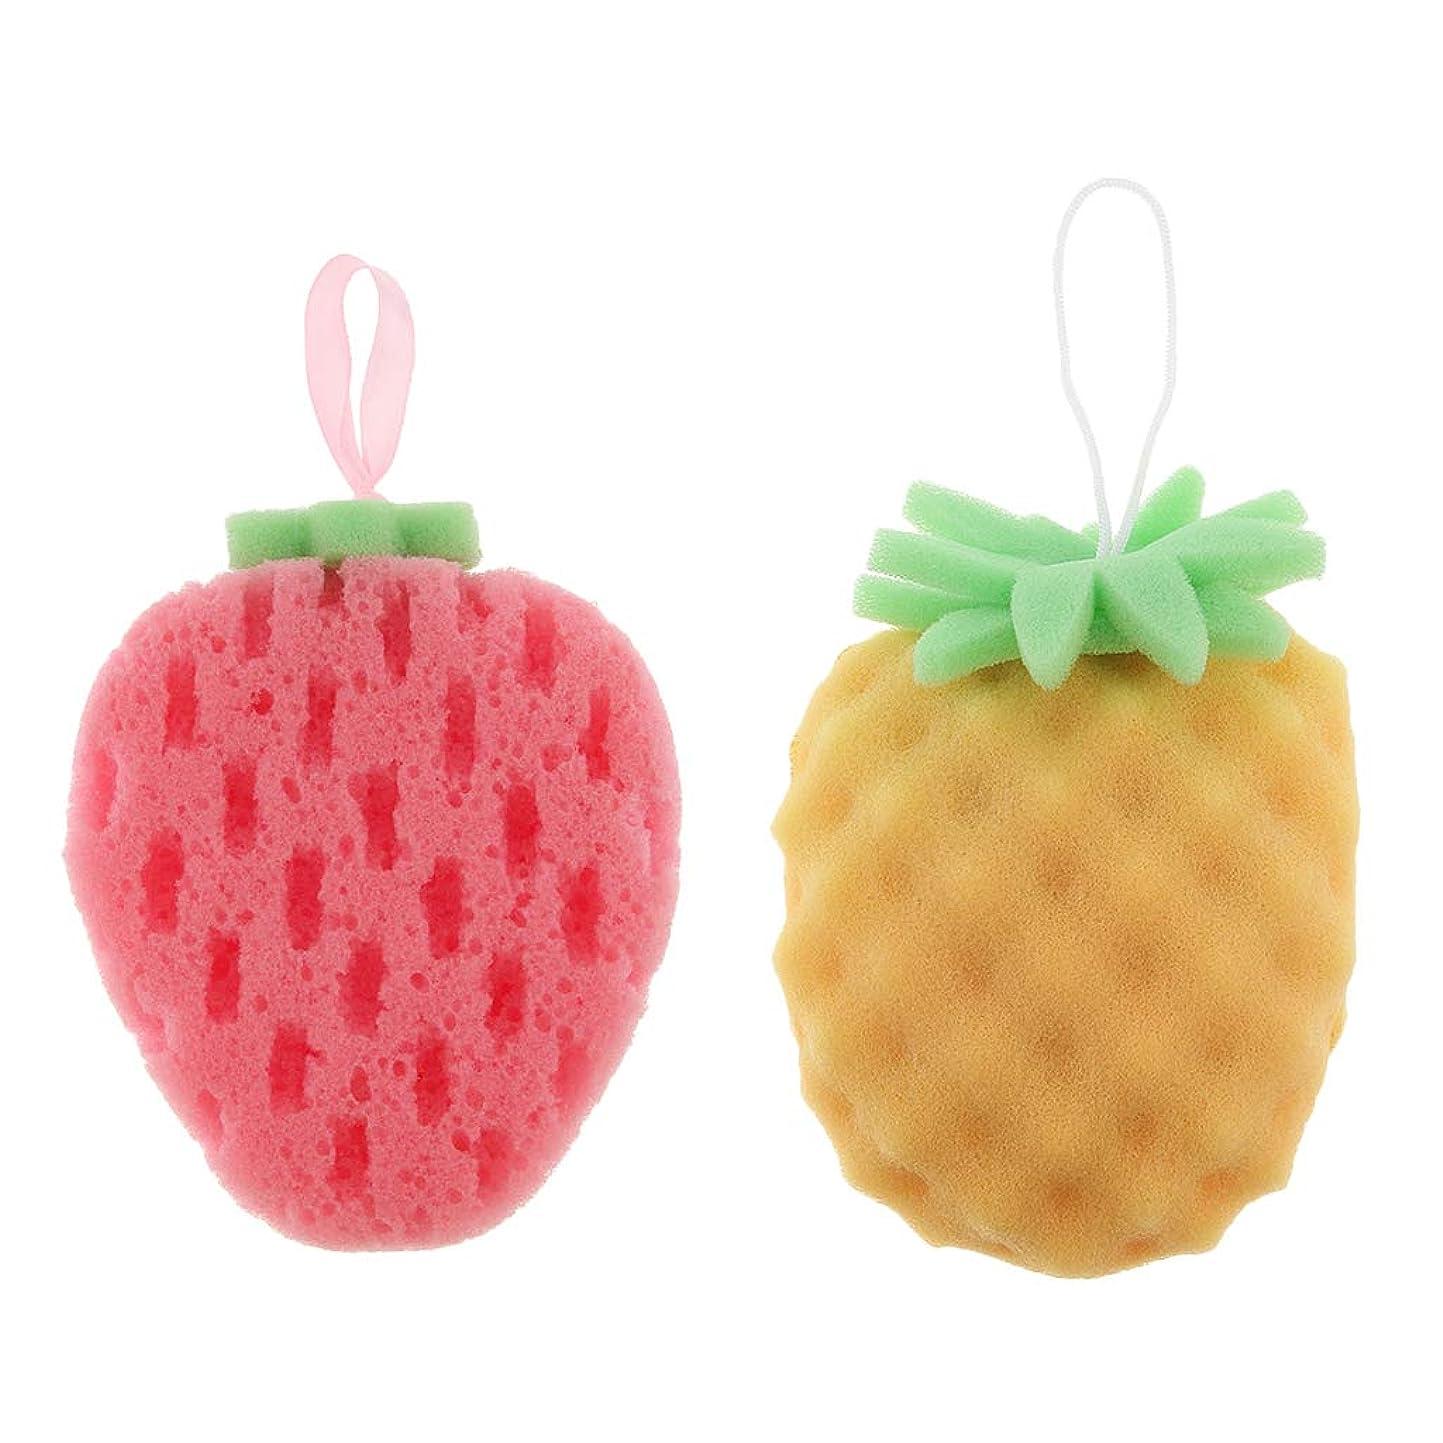 所得密度取るに足らない2個 バススポンジ ボディスポンジ 可愛い フルーツ いちご パイナップル